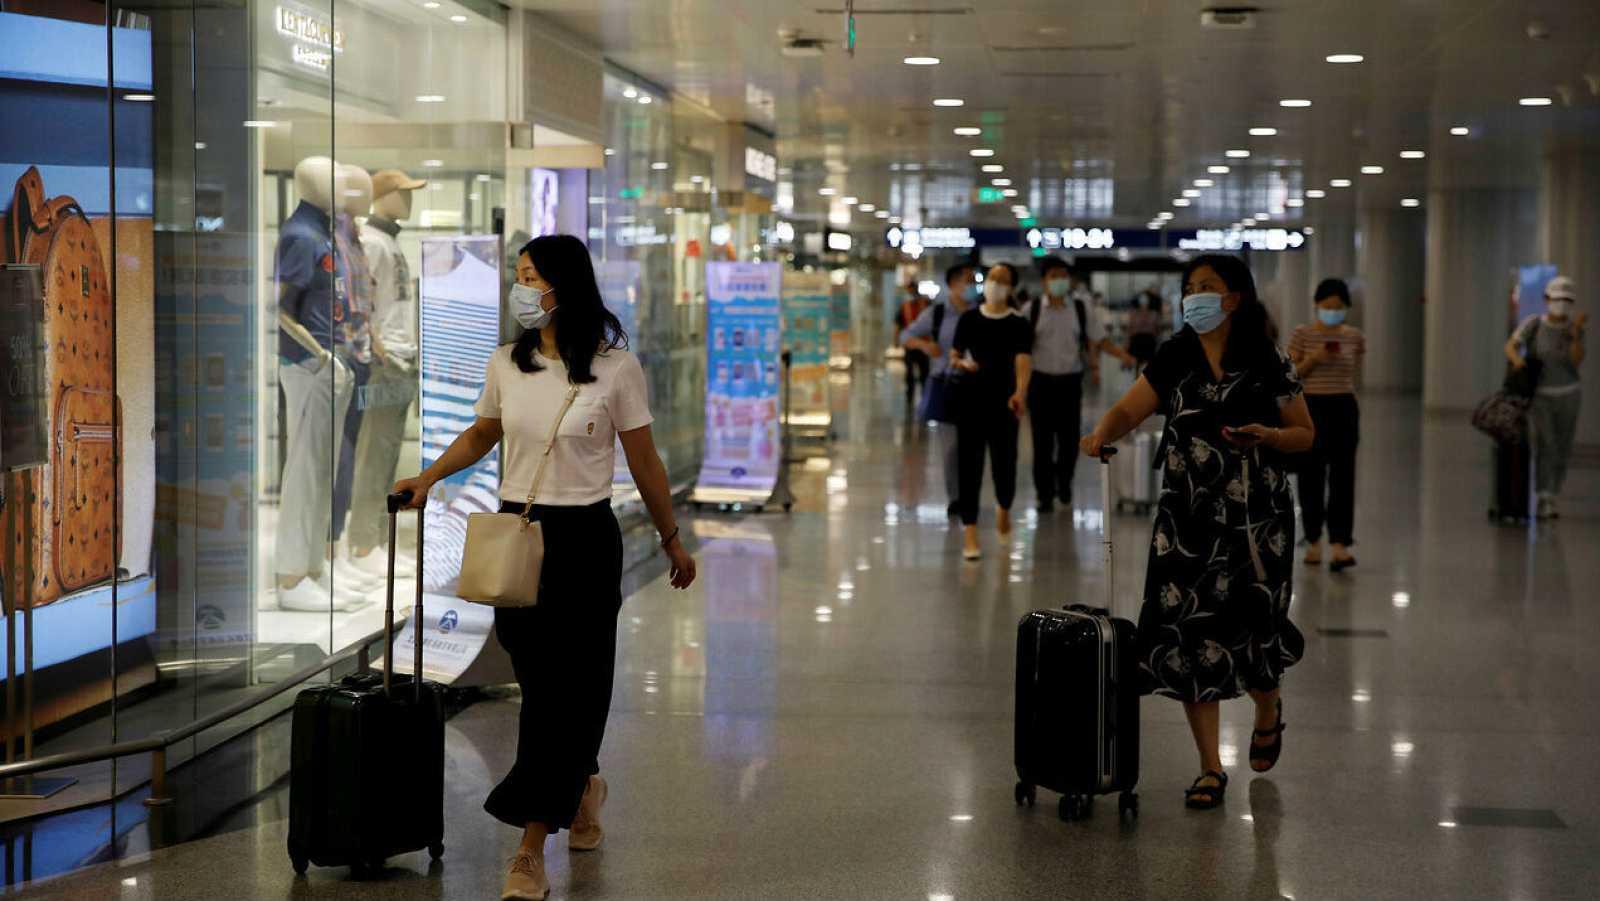 Viajeros con mascarillas pasan por las tiendas minoristas en el Aeropuerto Internacional de Beijing Capital en Beijing, China.